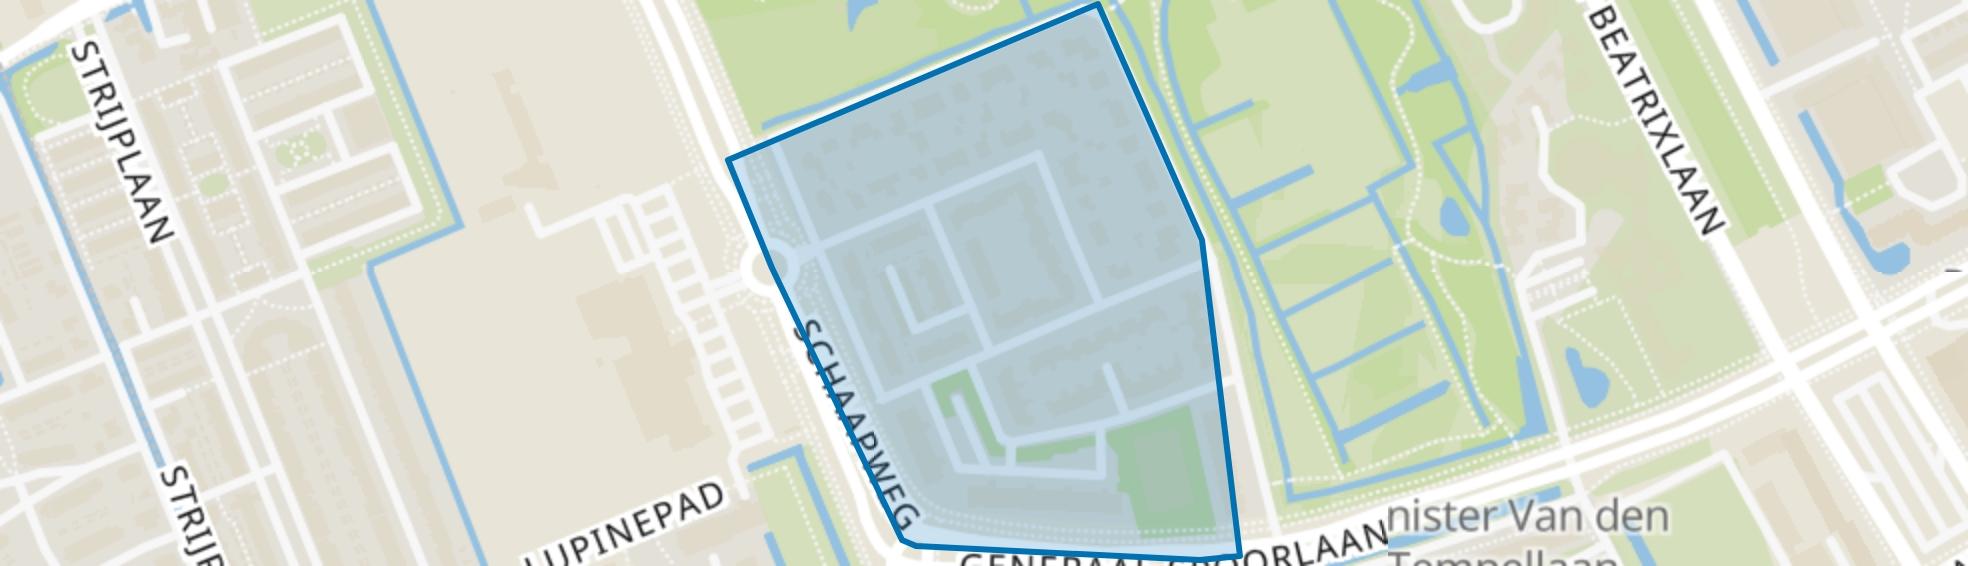 Presidentenbuurt, Rijswijk (ZH) map